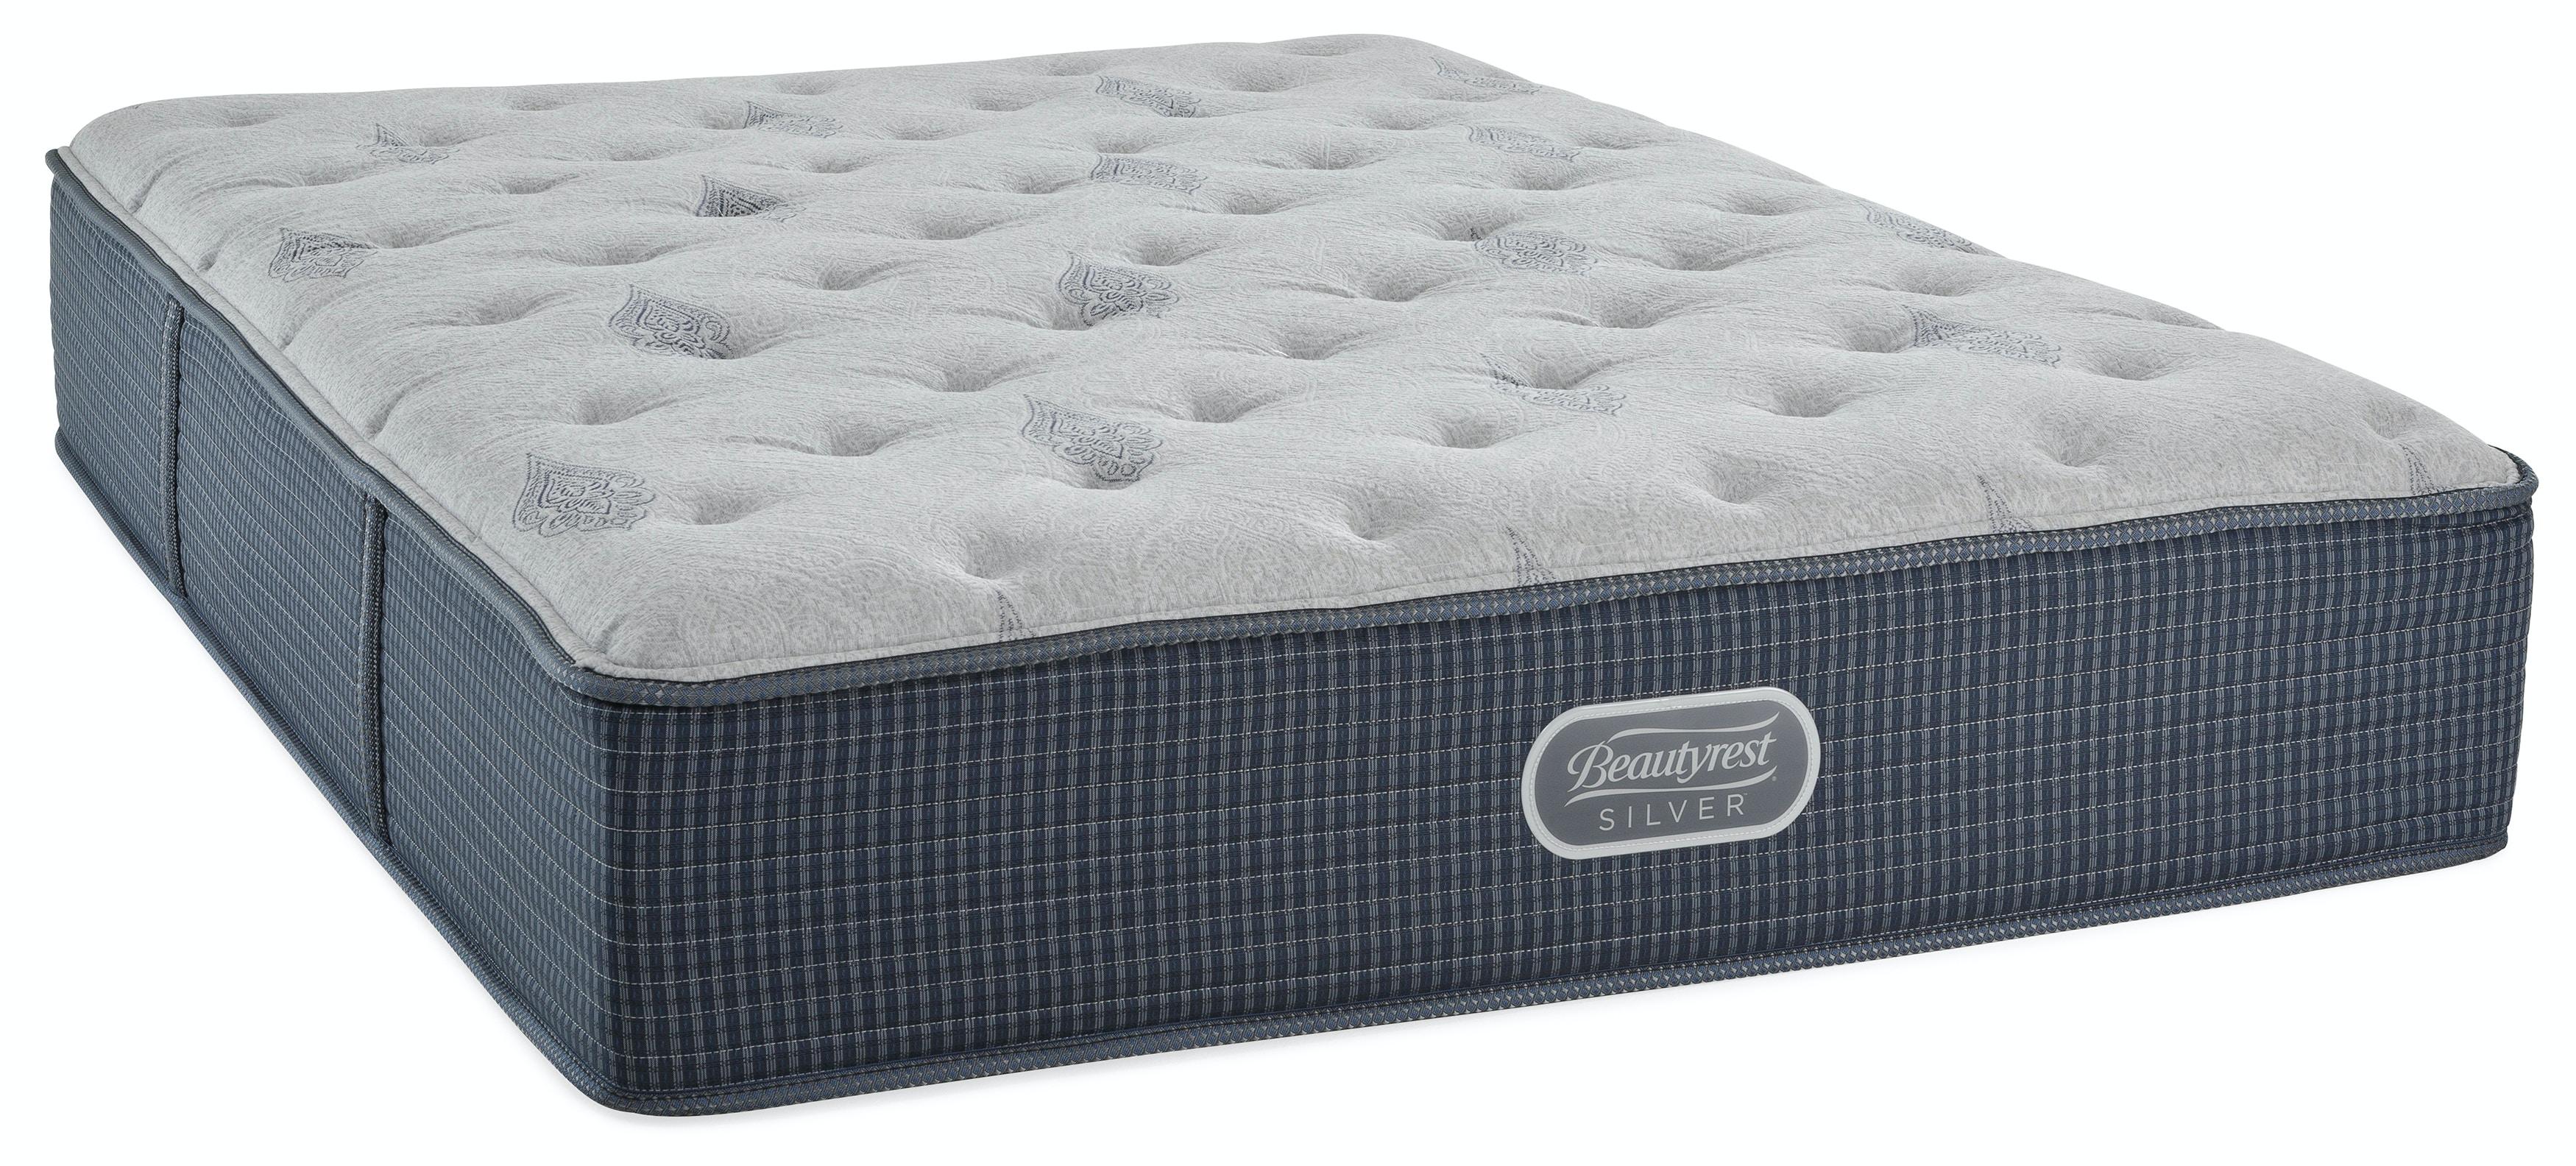 beautyrest silver st thomas luxury firm mattress queen st484635